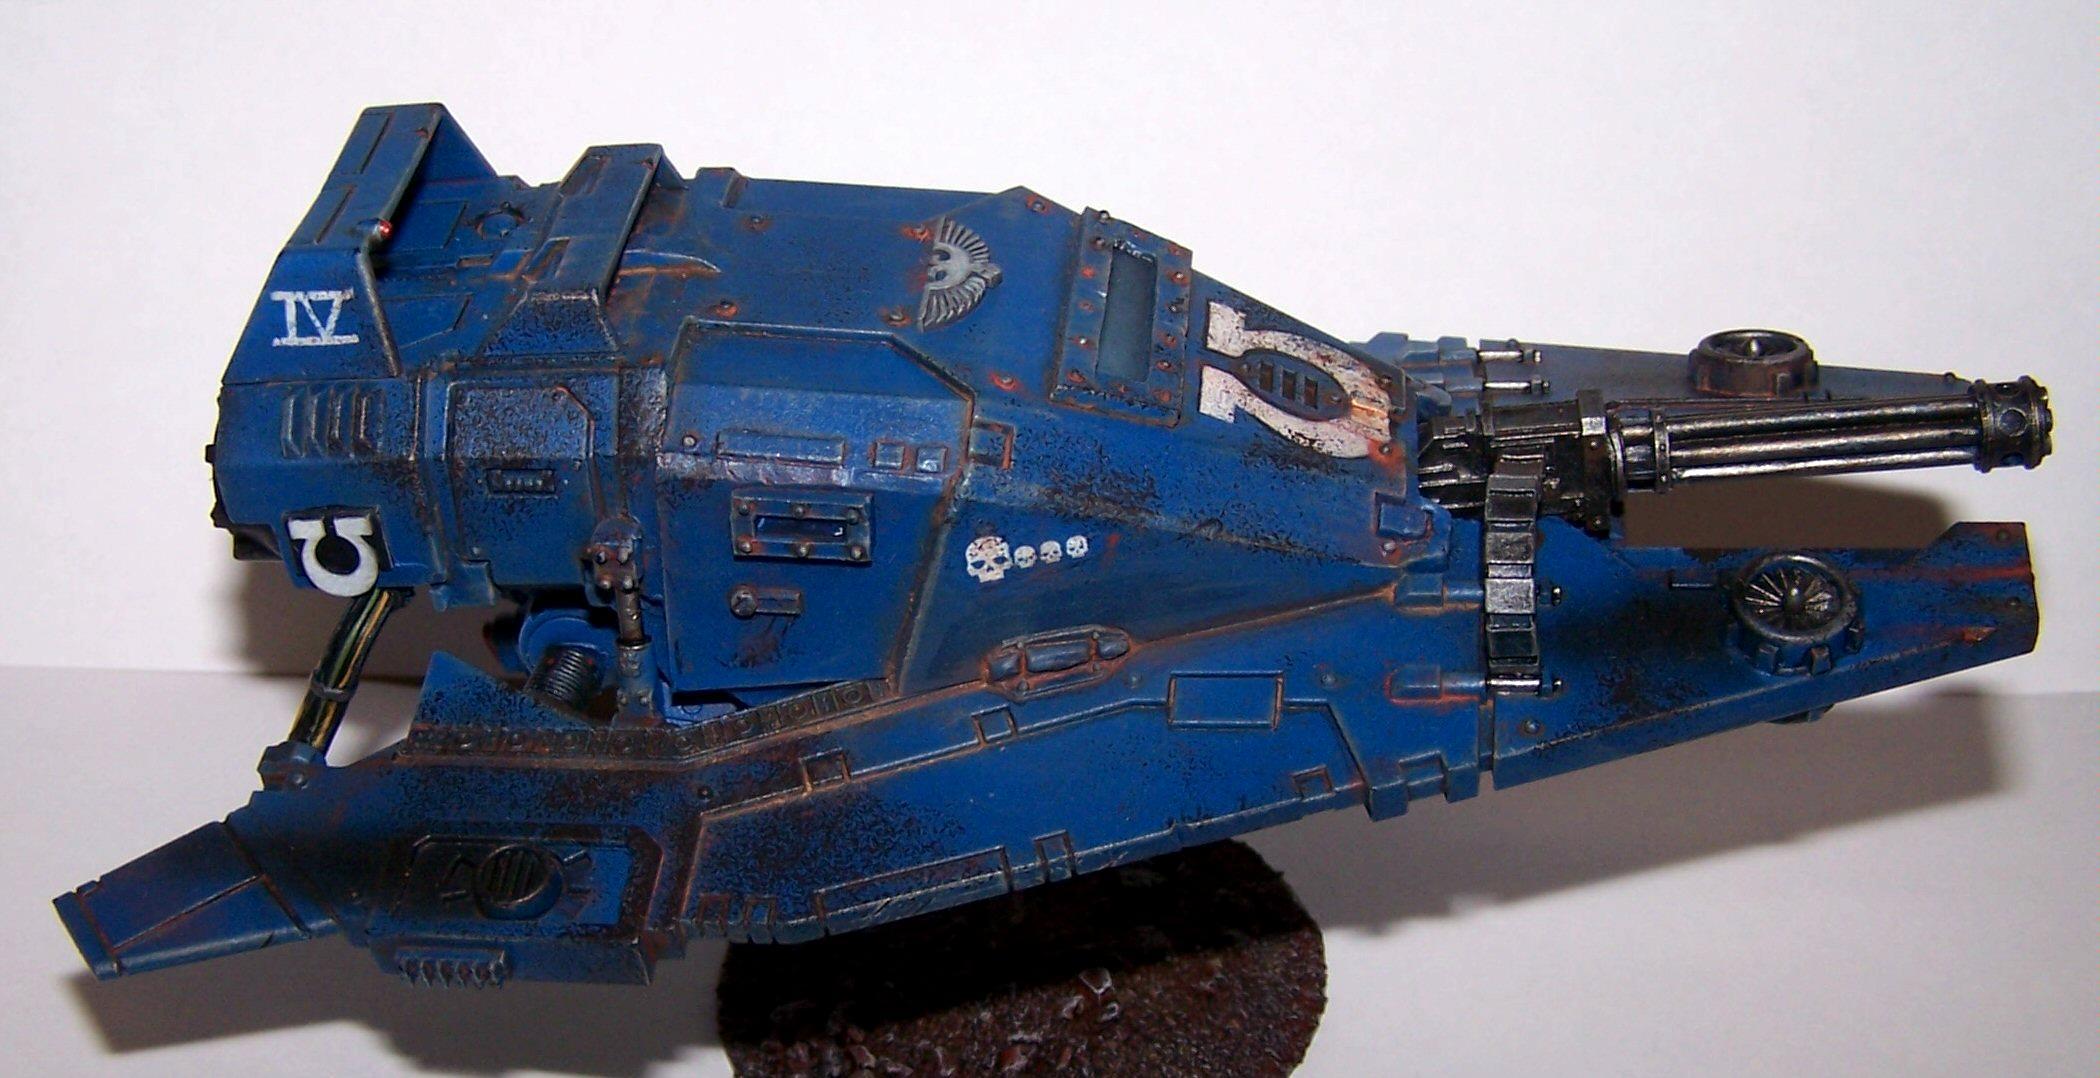 Land Speeder, Land Speeder Tempest, Scratch Build, Space Marines, Ultramarines, Warhammer 40,000